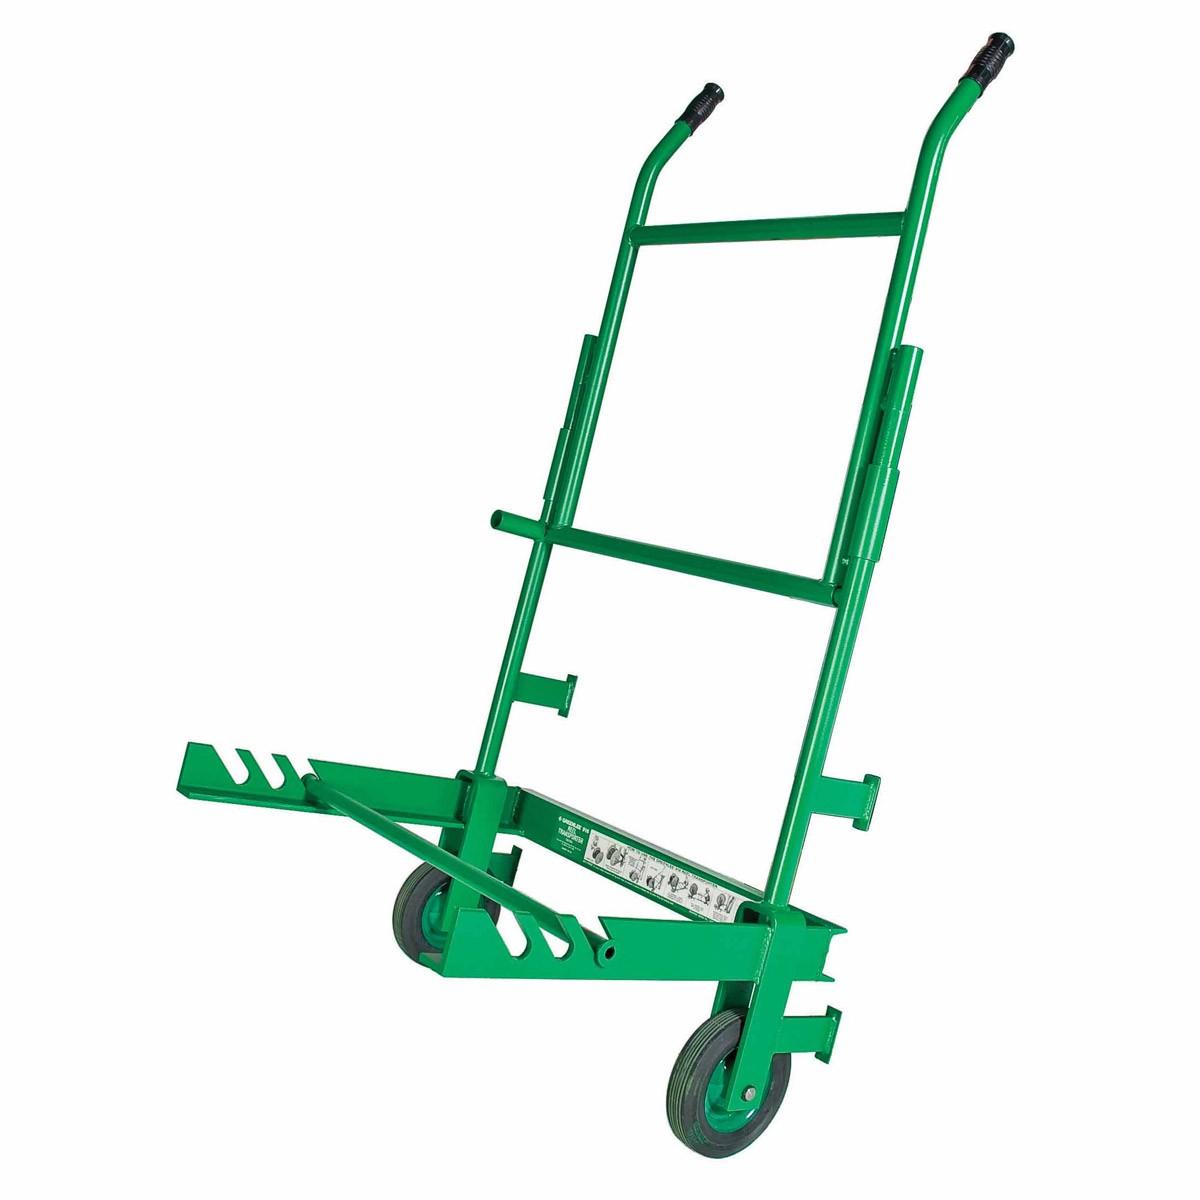 Sumner Wire Spool Carts.Sumner CMAC3 Caddy Mac No 3 Wire Spool Cart ...